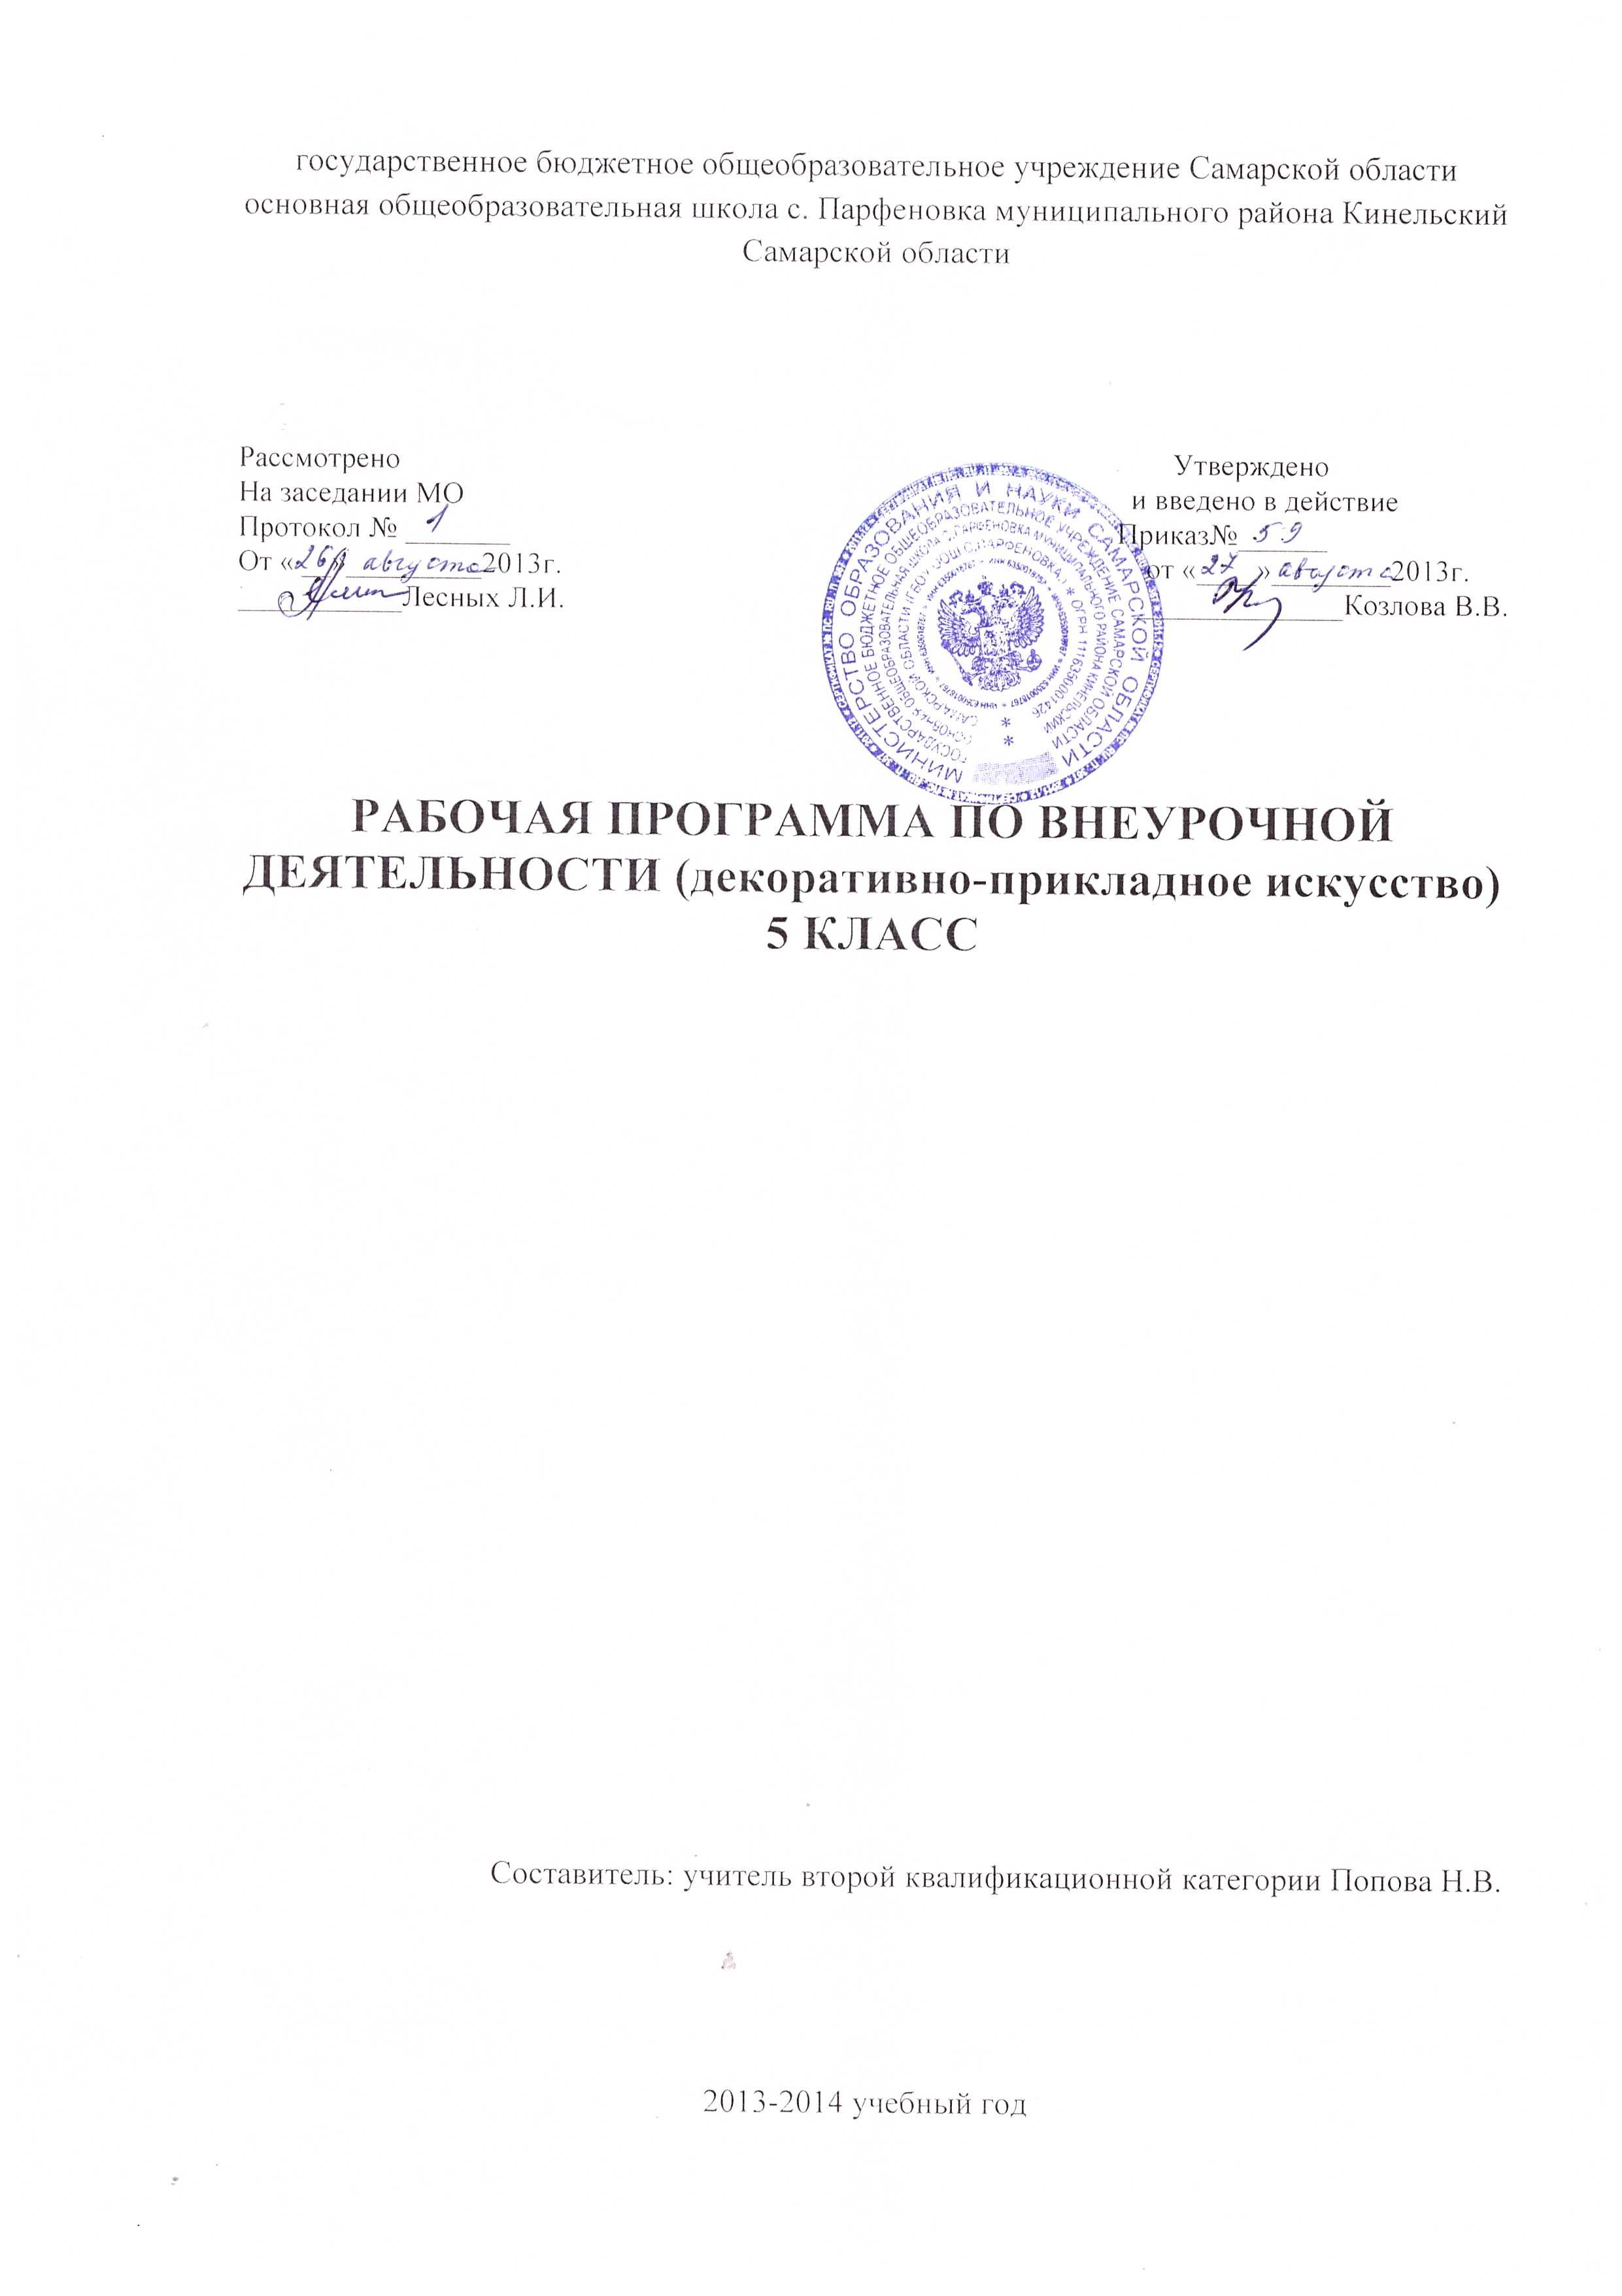 G:\Попова Н.В\титульный лист.jpeg